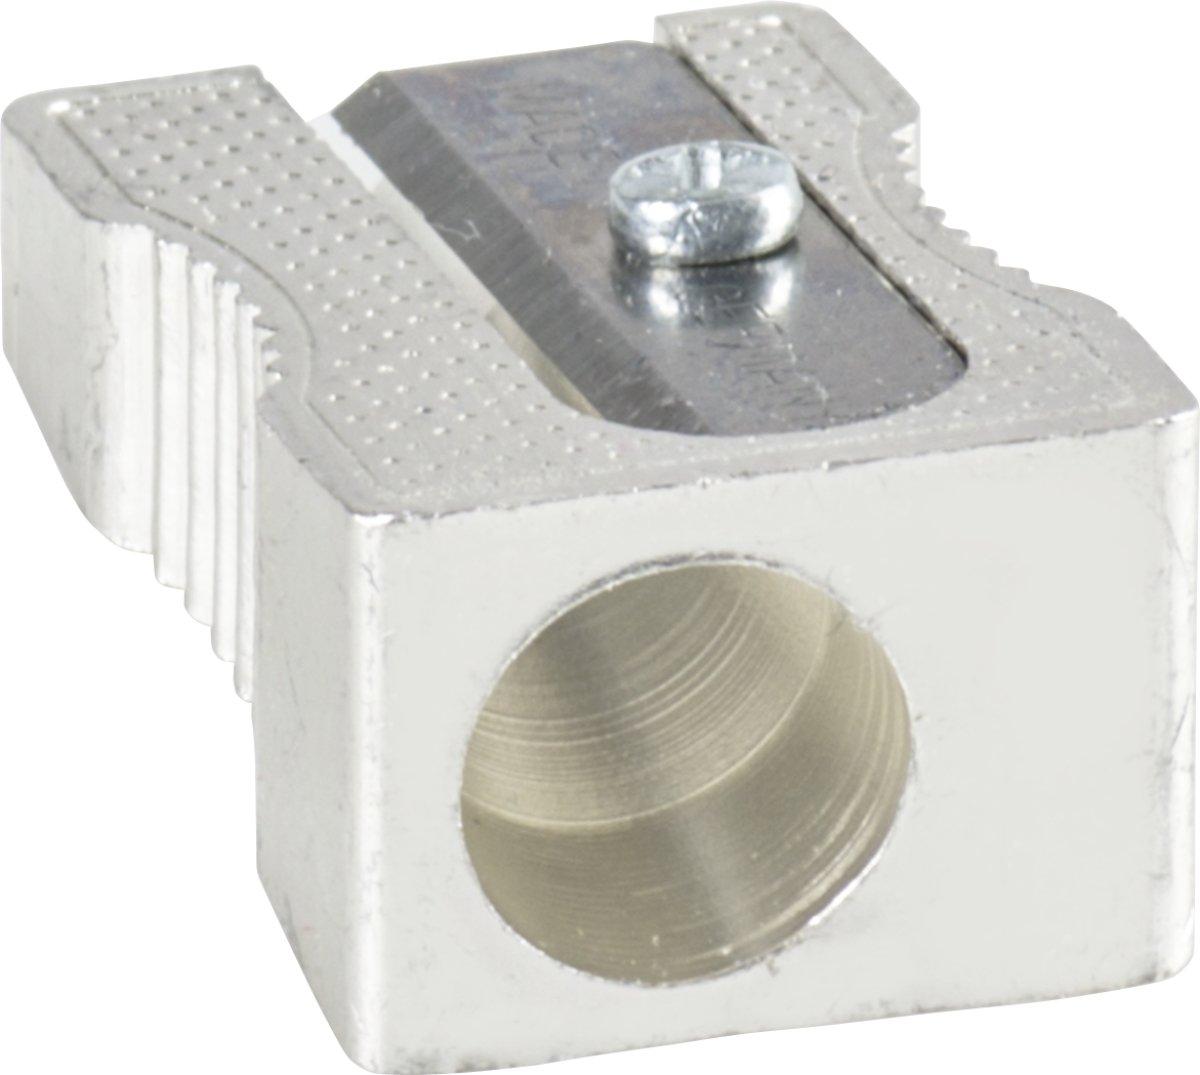 Brunnen 1029896 Spitzer aus Metall, Einfachspitzer, 2,5 x 1 x1 cm, für Stifte bis 8 mm Durchmesser) Baier & Schneider